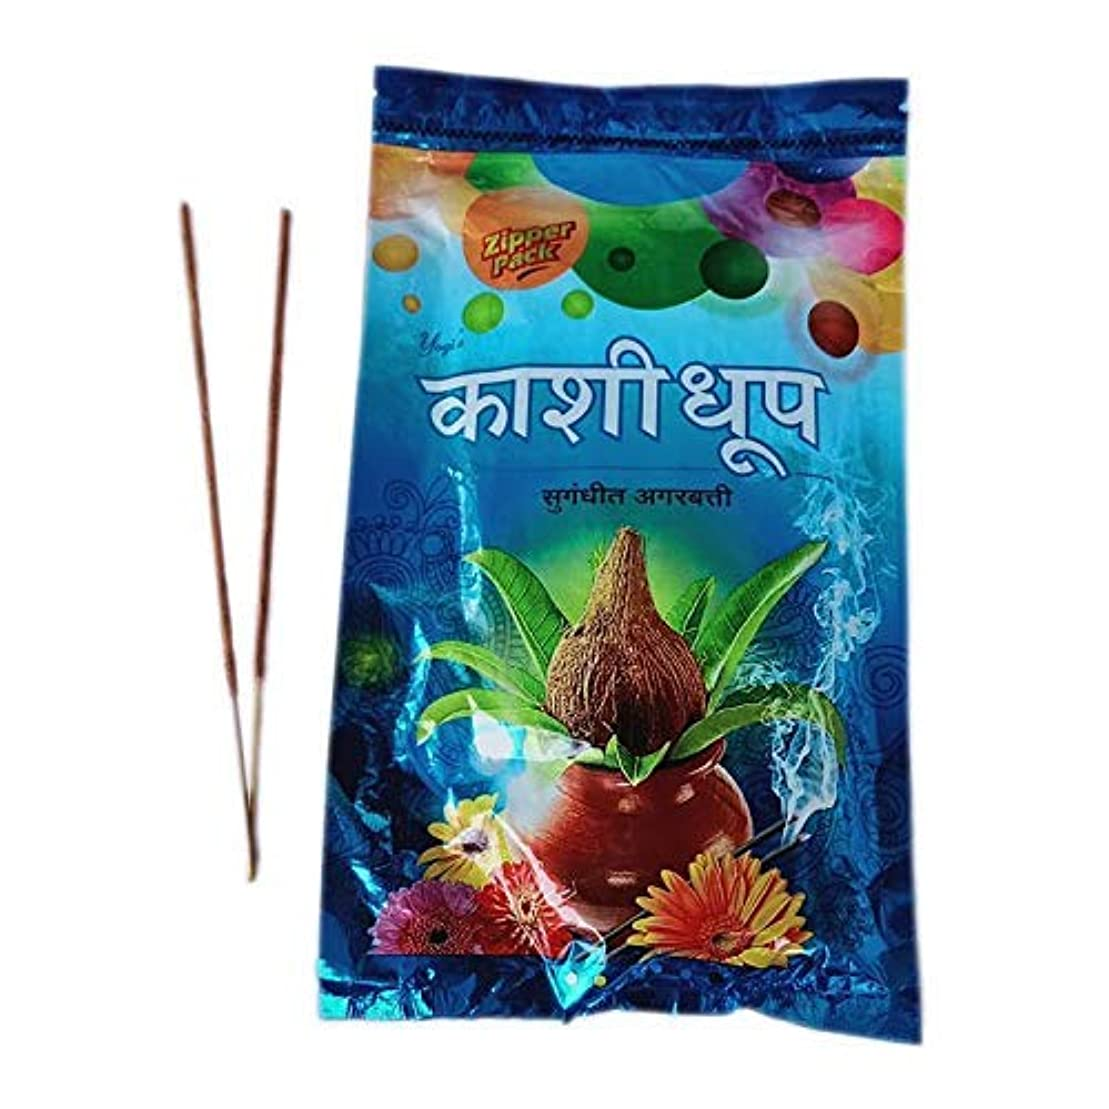 宿る手入れウナギYOGI Kashi Dhoop Incense Sticks/Agarbatti Zipper Pack (180 GM) Pack of 3